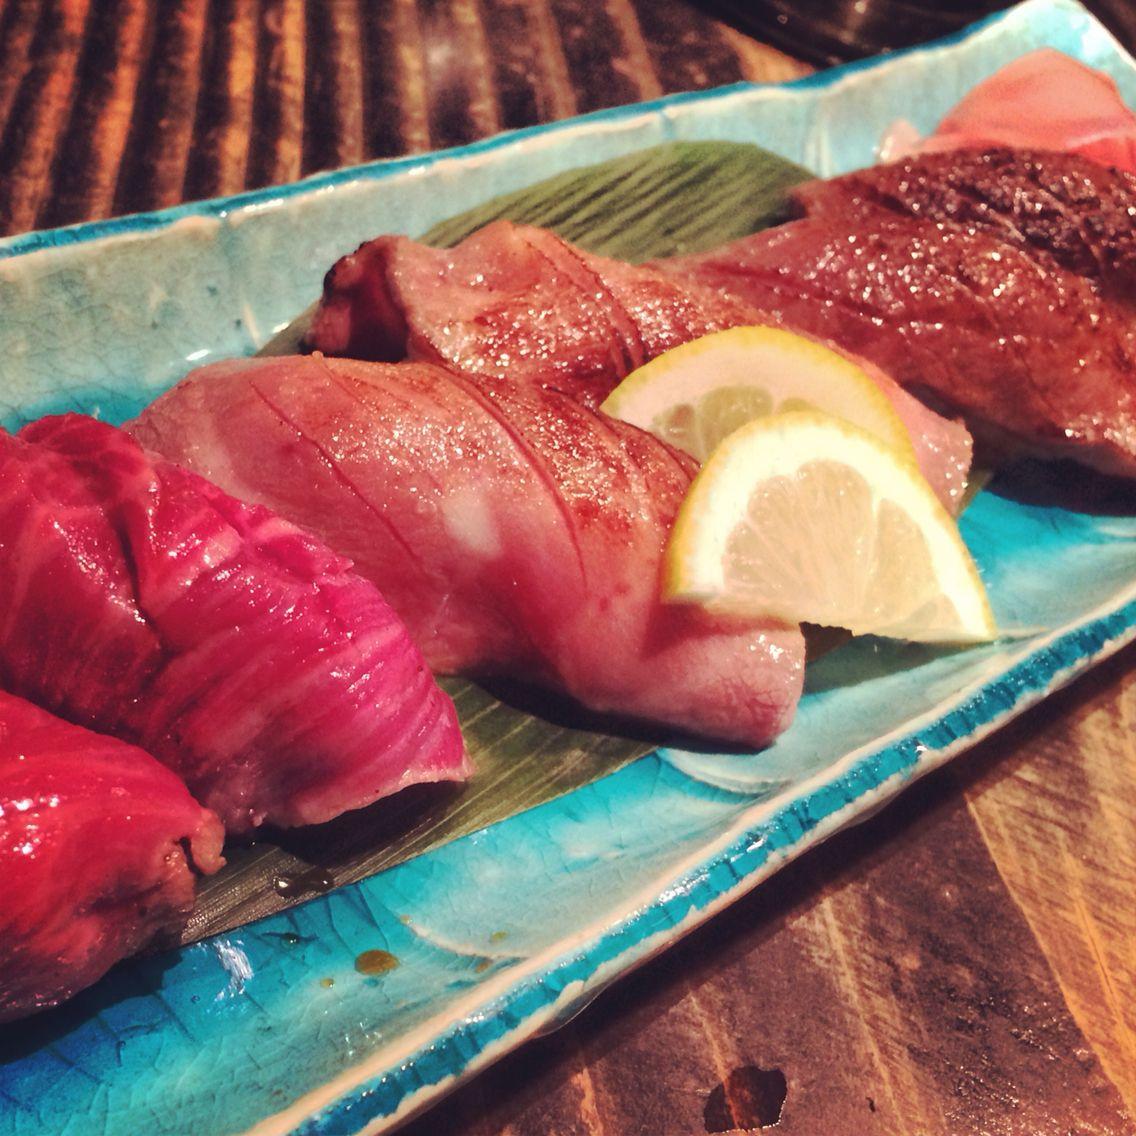 Meat-Sushi. Japanesefoods